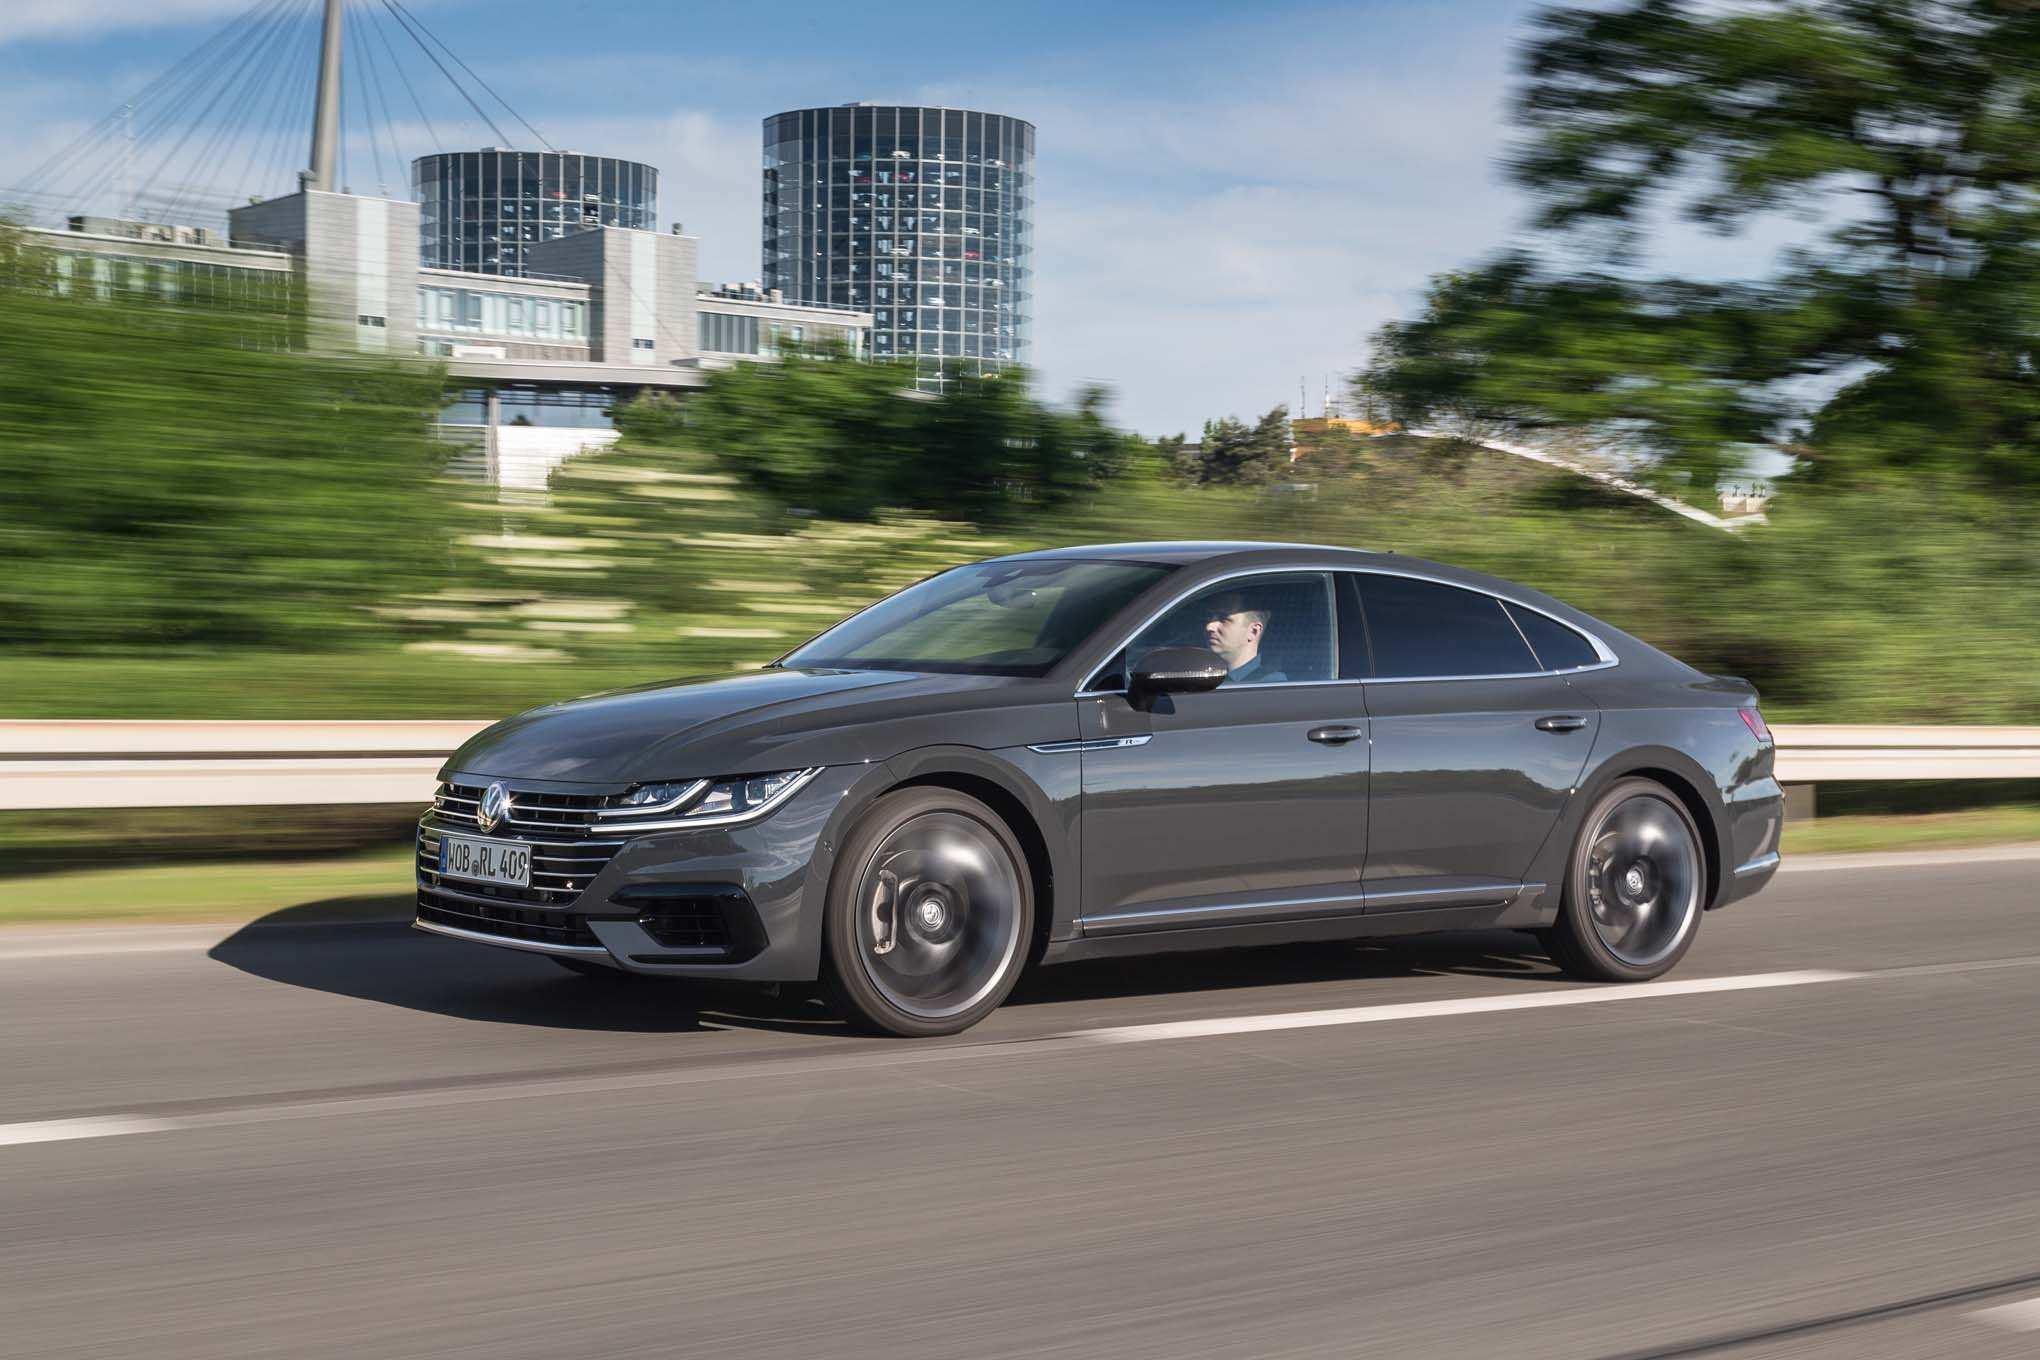 62 Great 2019 Volkswagen Arteon Specs History by 2019 Volkswagen Arteon Specs